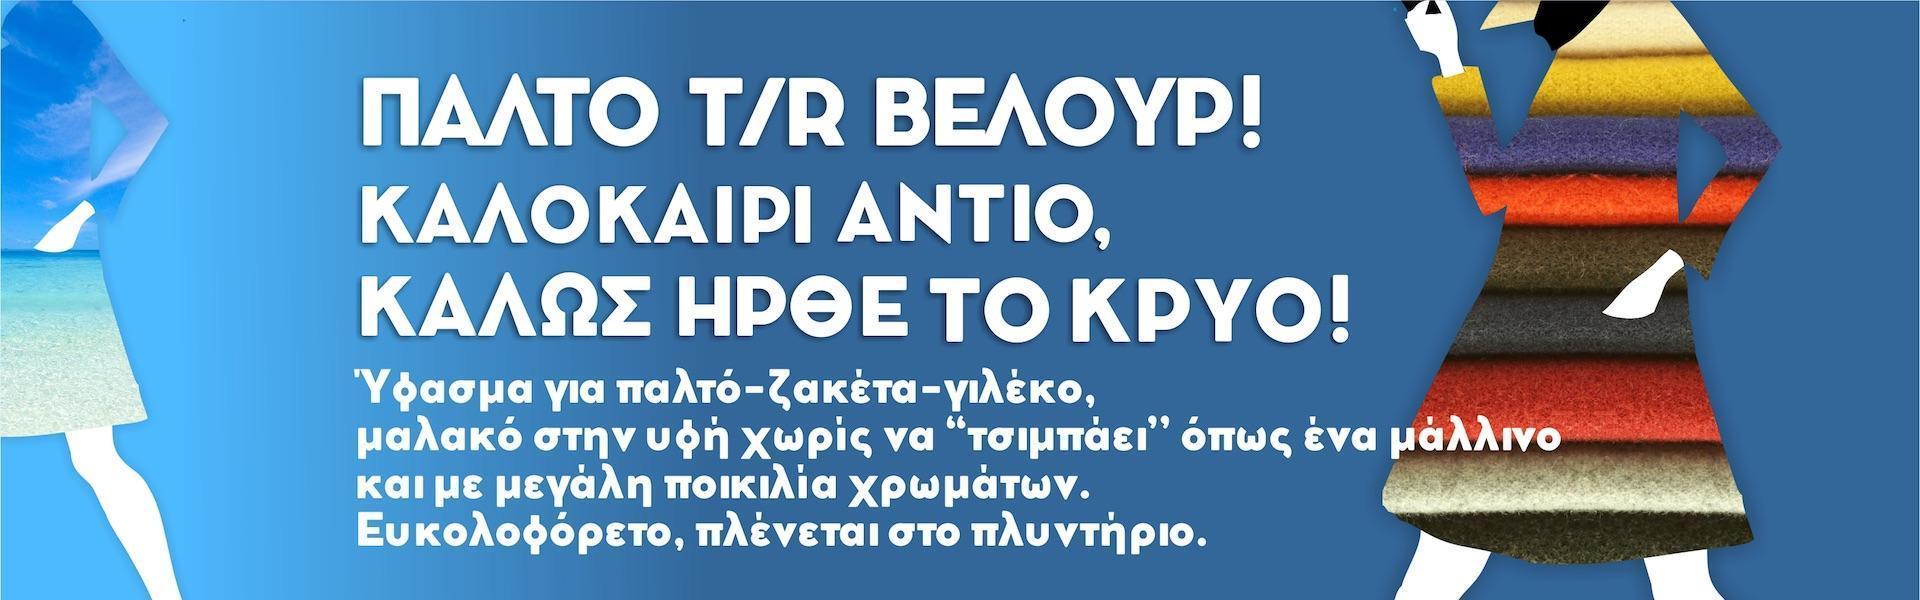 ΠΑΛΤΟ Τ/R ΒΕΛΟΥΡ